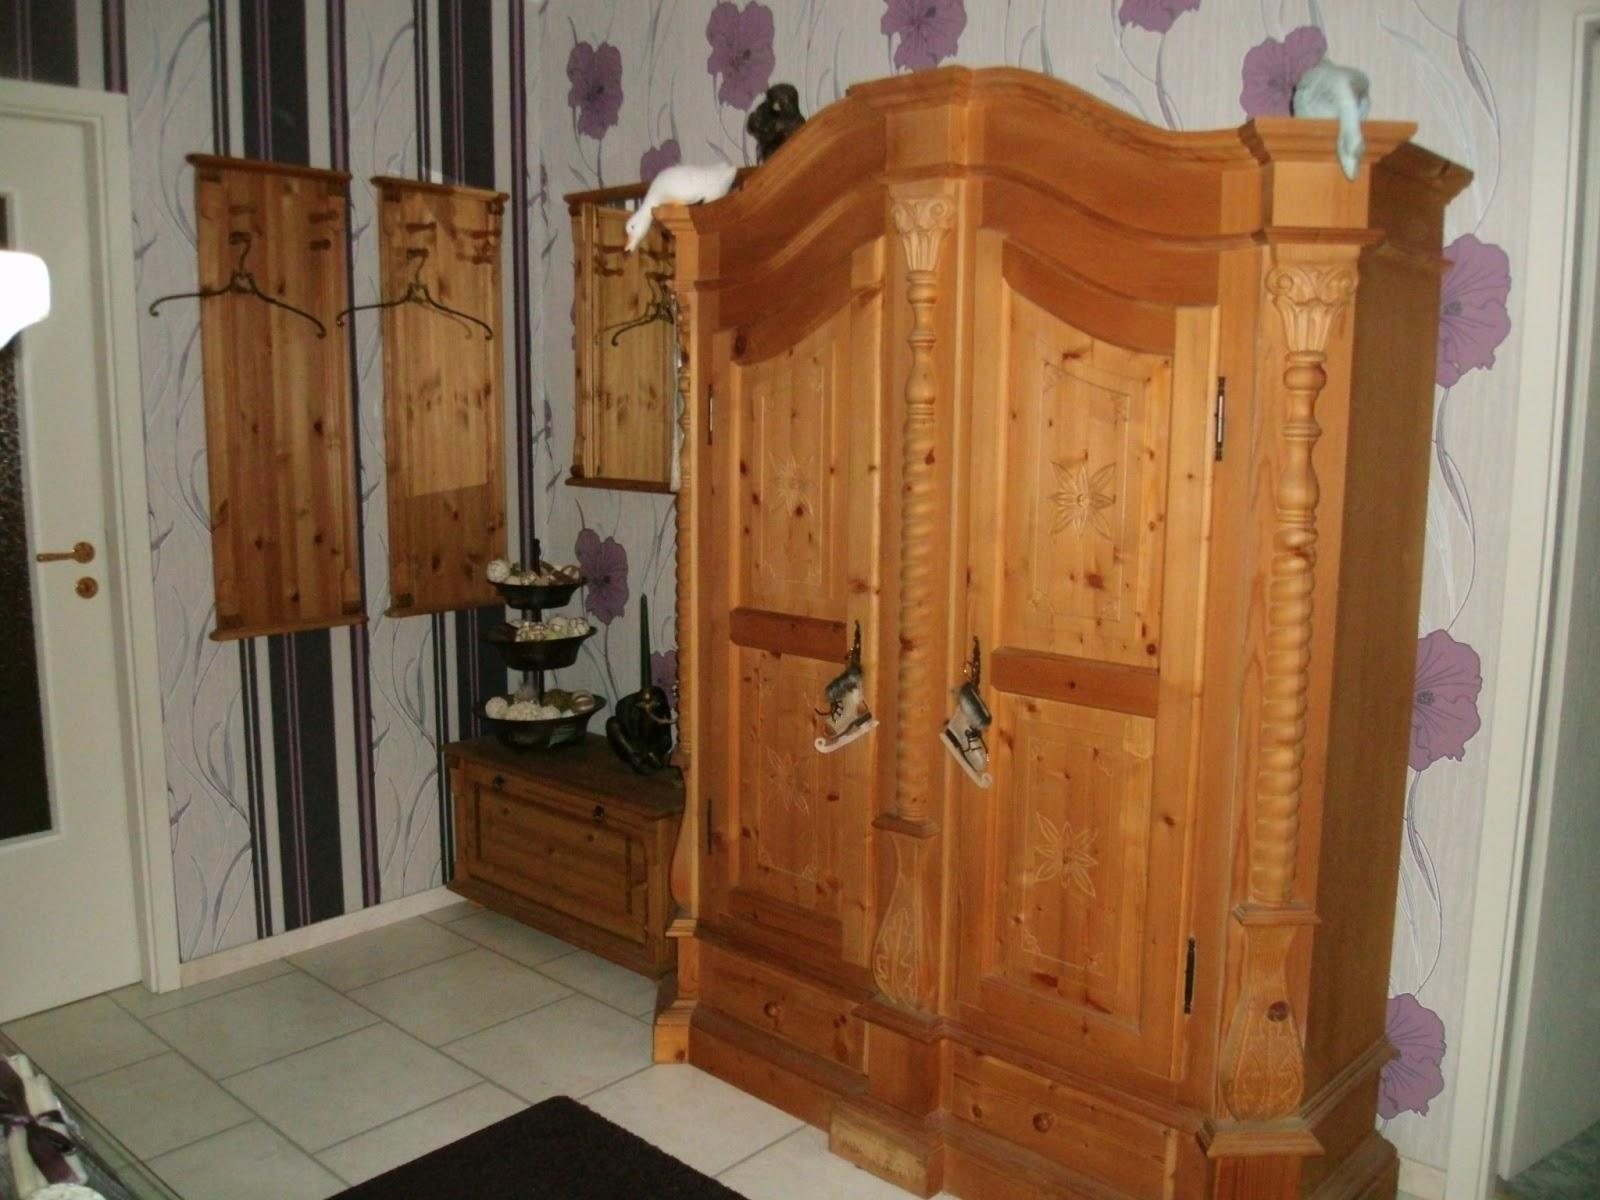 Gewaltig Möbel Diele Dekoration Von Unsere Neue